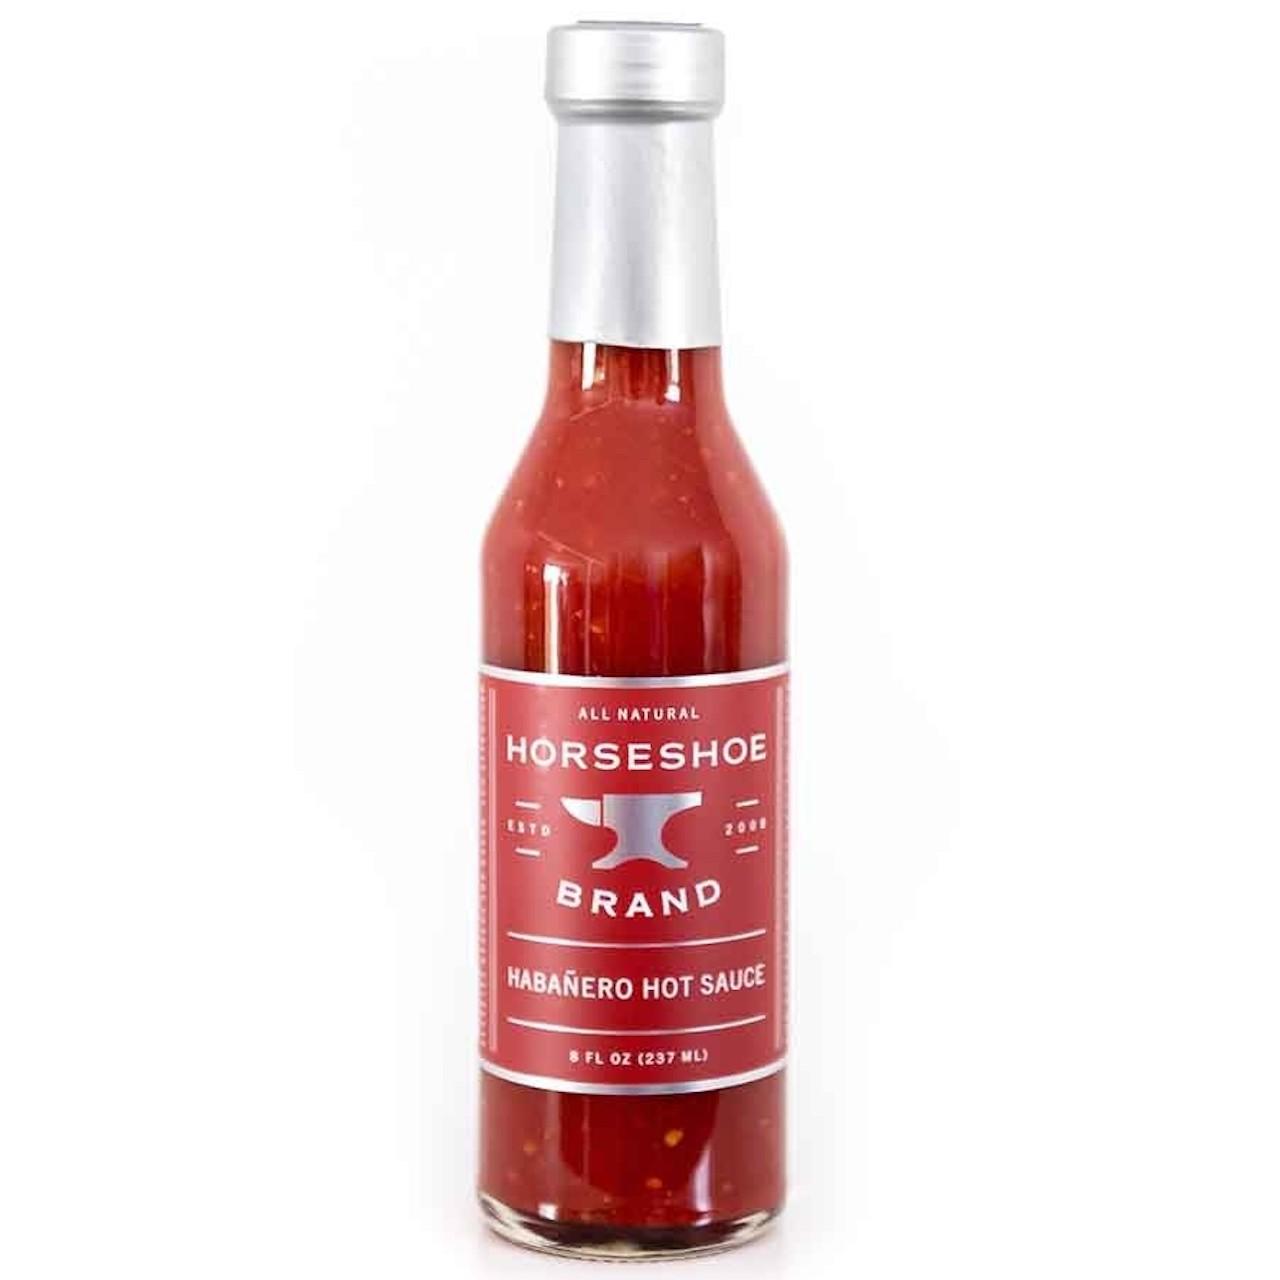 Horseshoe Brand Habanero Hot Sauce Grillsauce